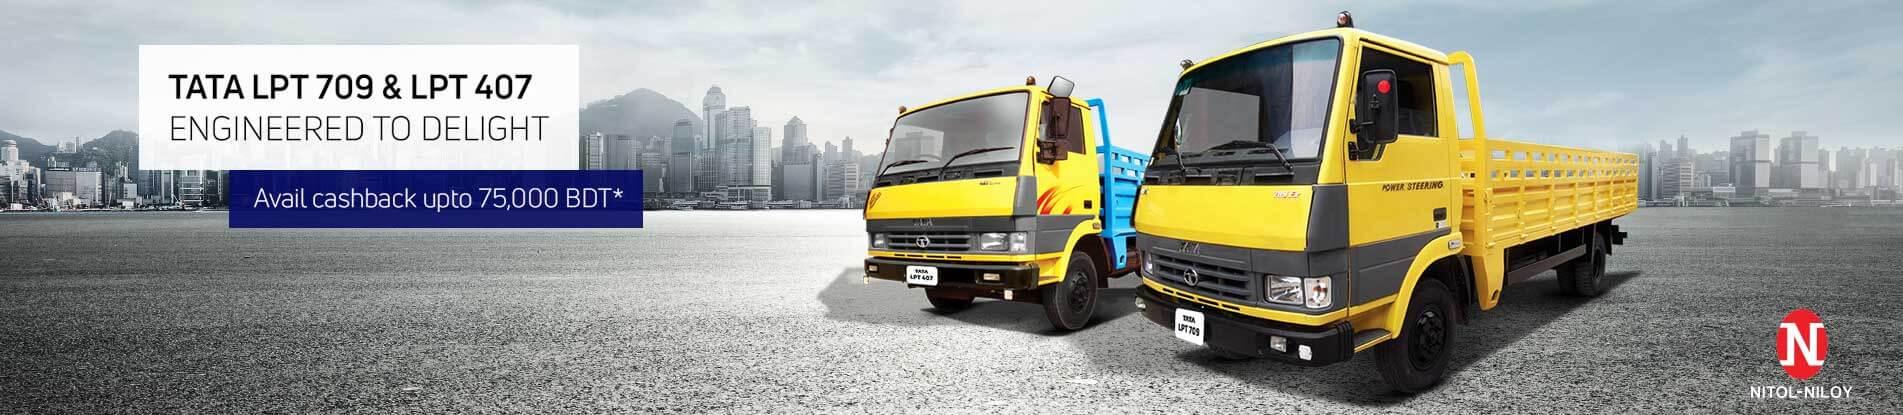 Tata LPT 709 & LPT 407